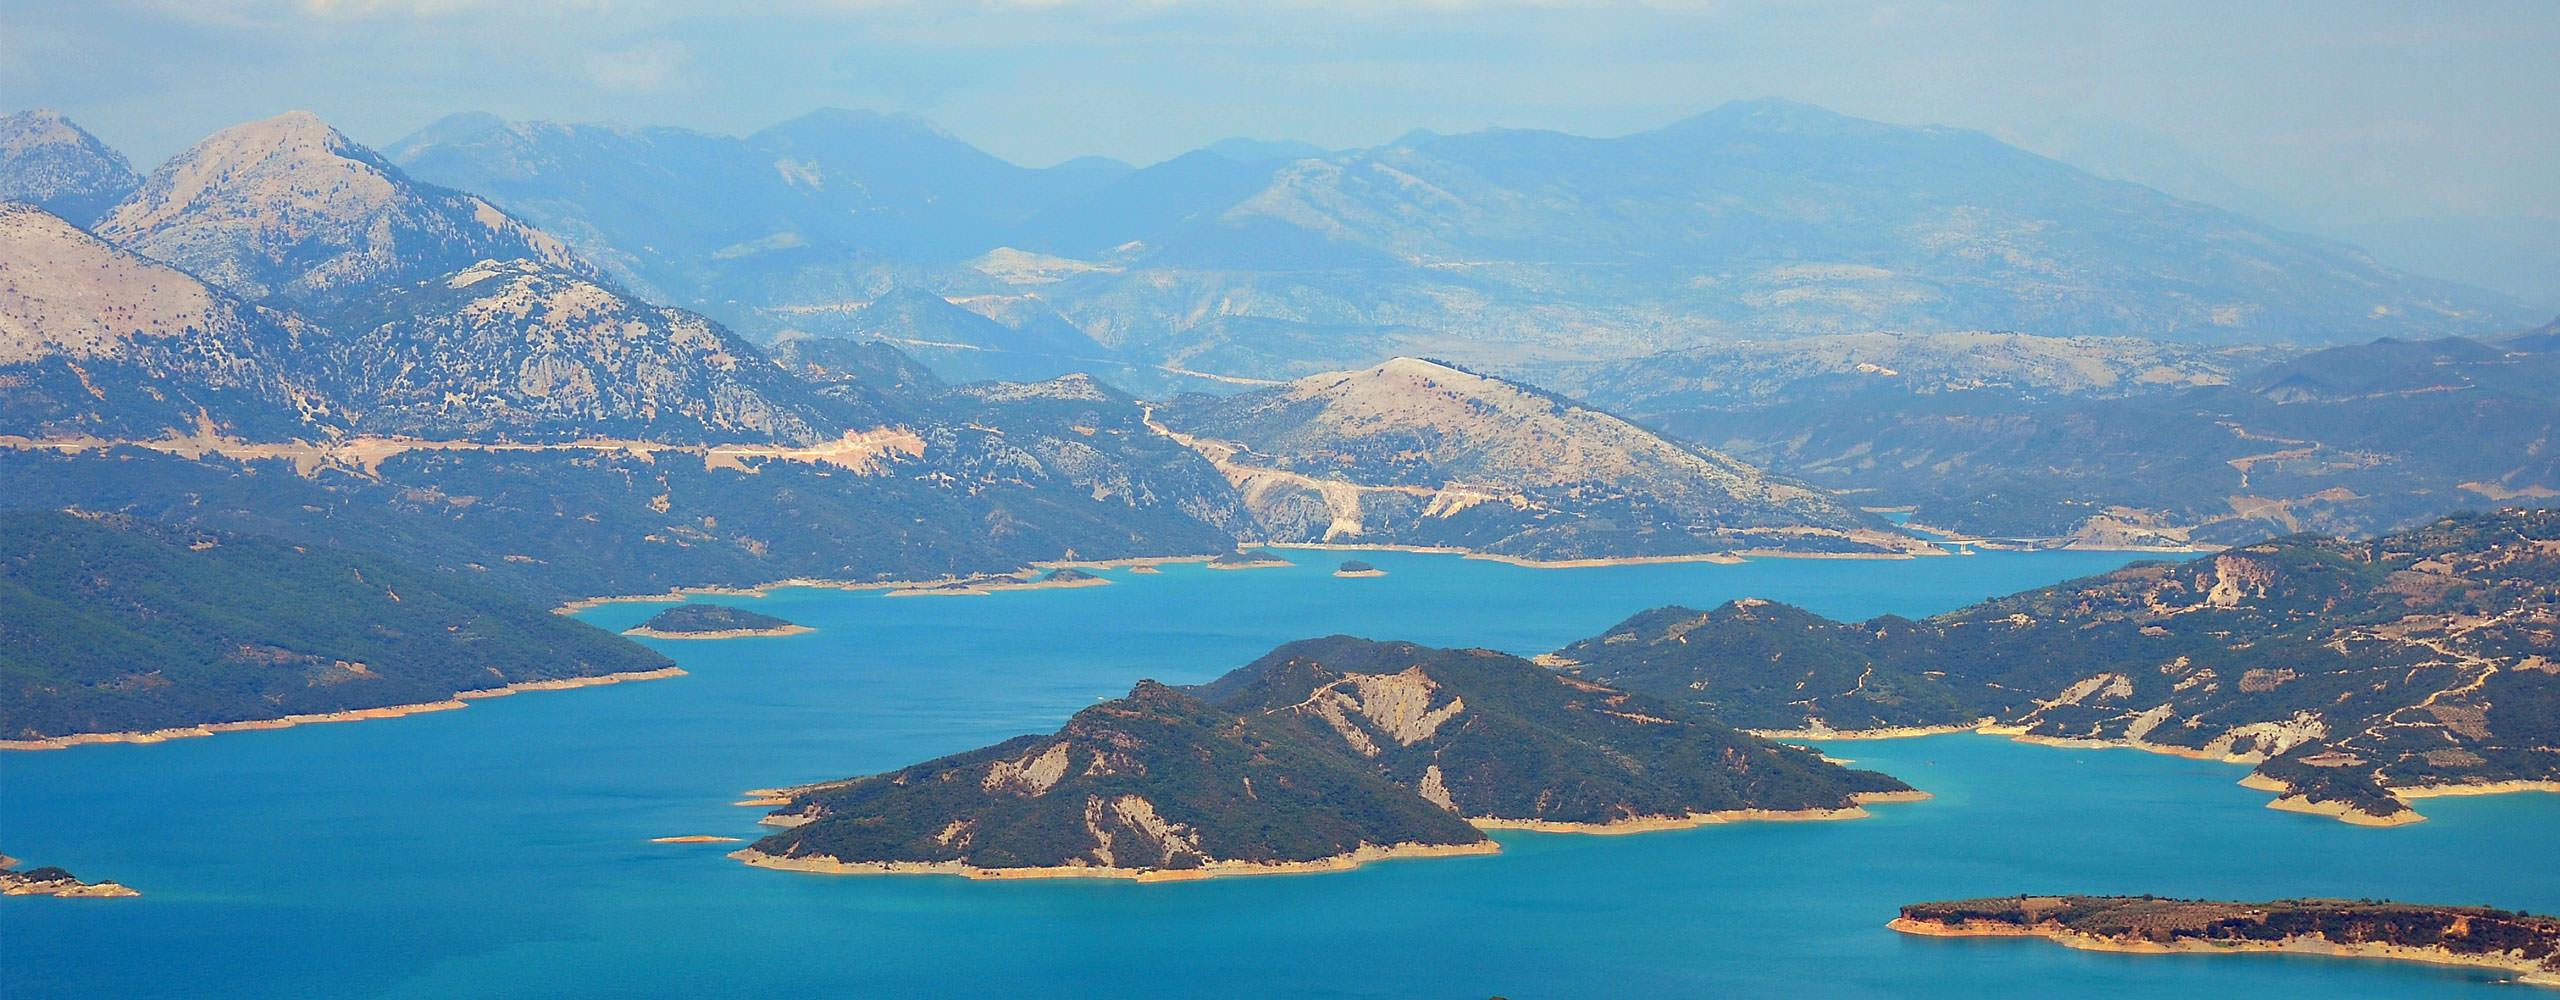 טיול ג'יפים ביוון - 7 ימים - מסע חוצה פינדוס מת'סלוניקי